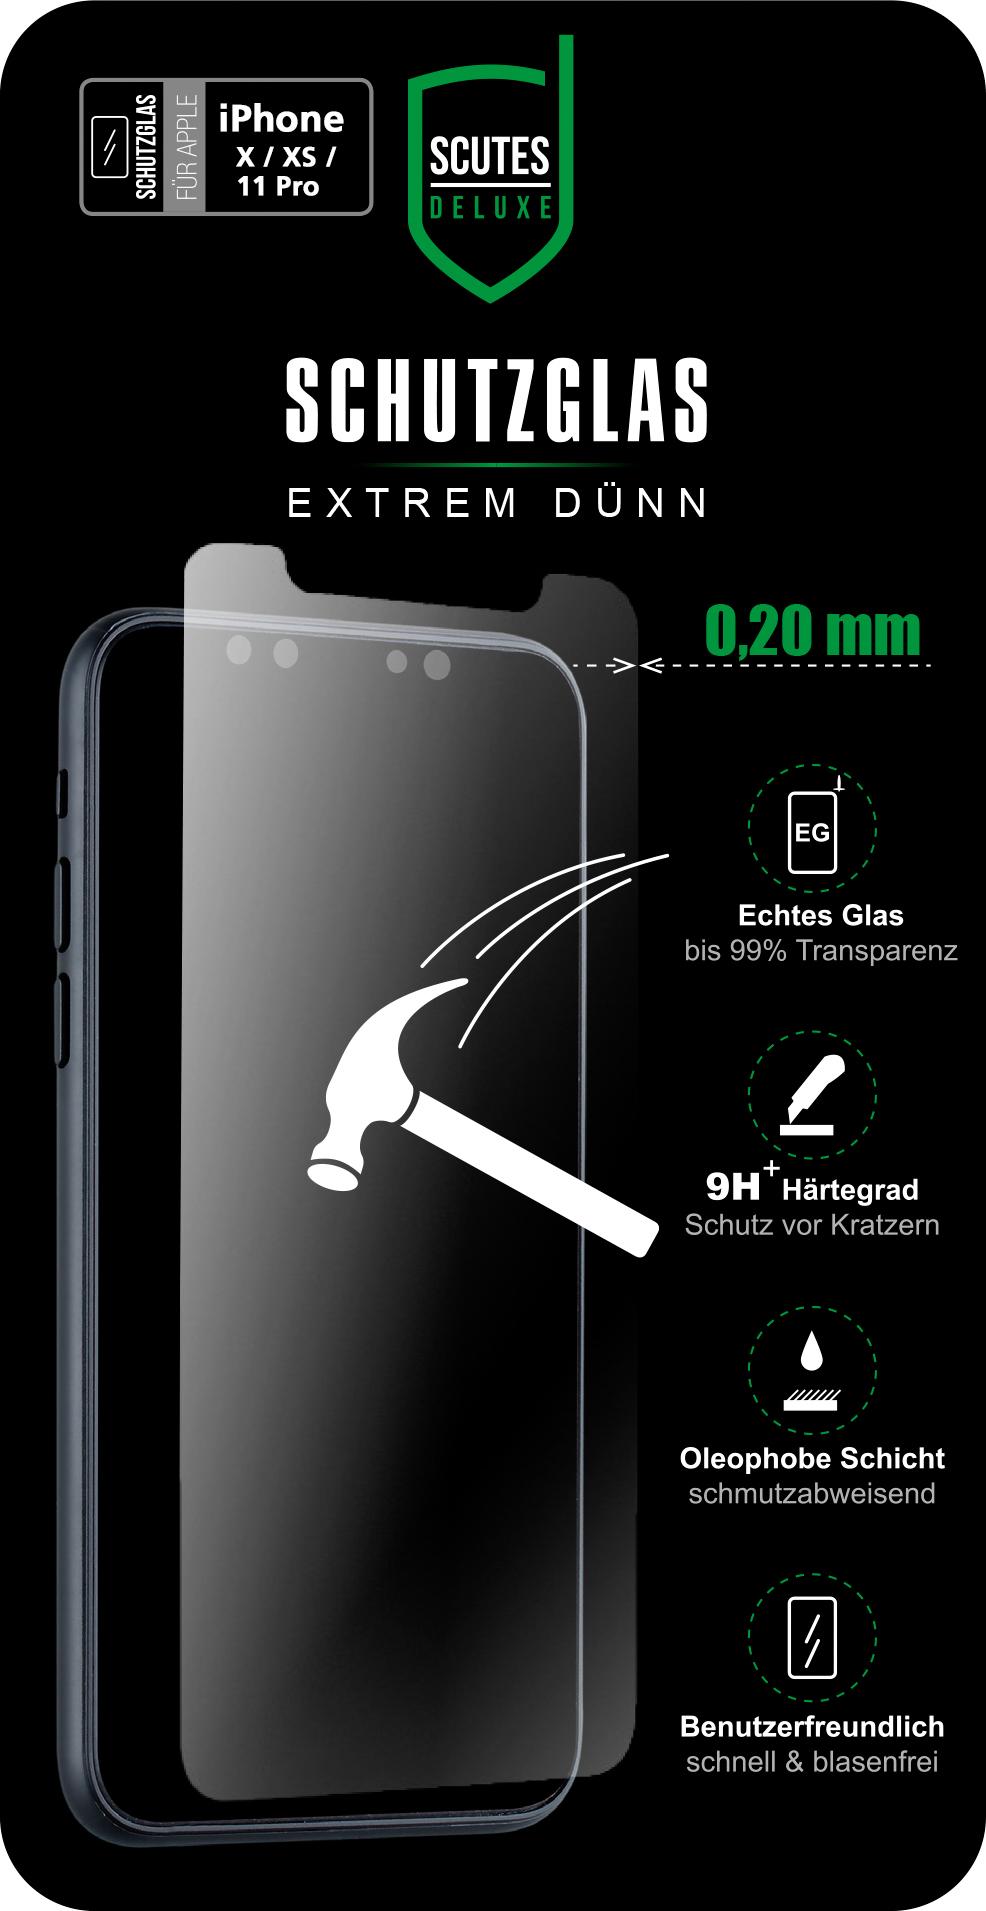 Schutzglas (iPhone 11 Pro)